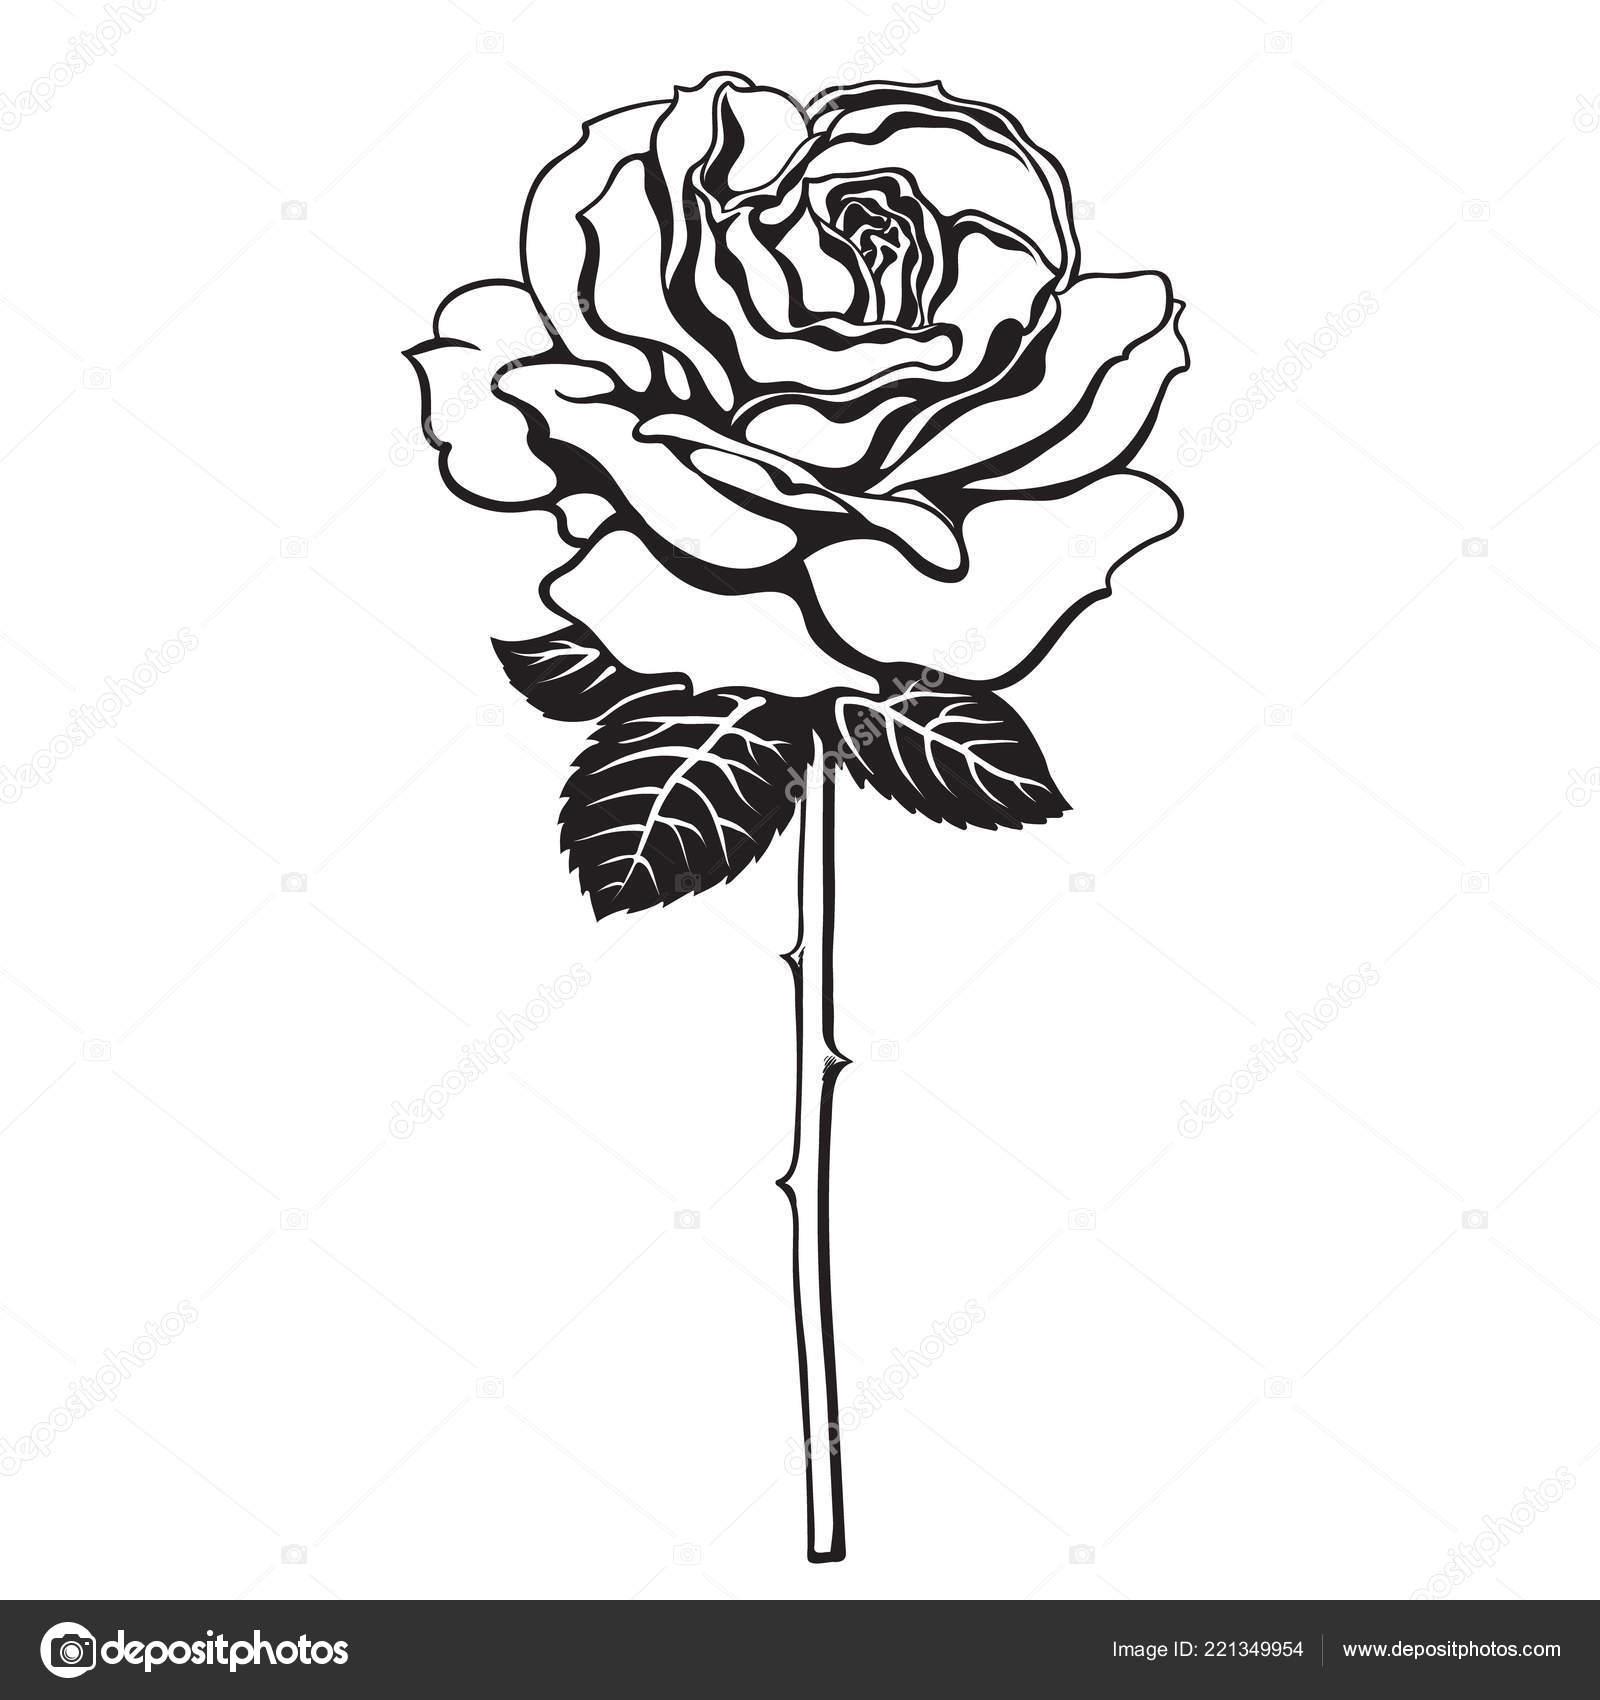 Black And White Rose Blume Mit Blätter Und Stengel Hand Gezeichnet